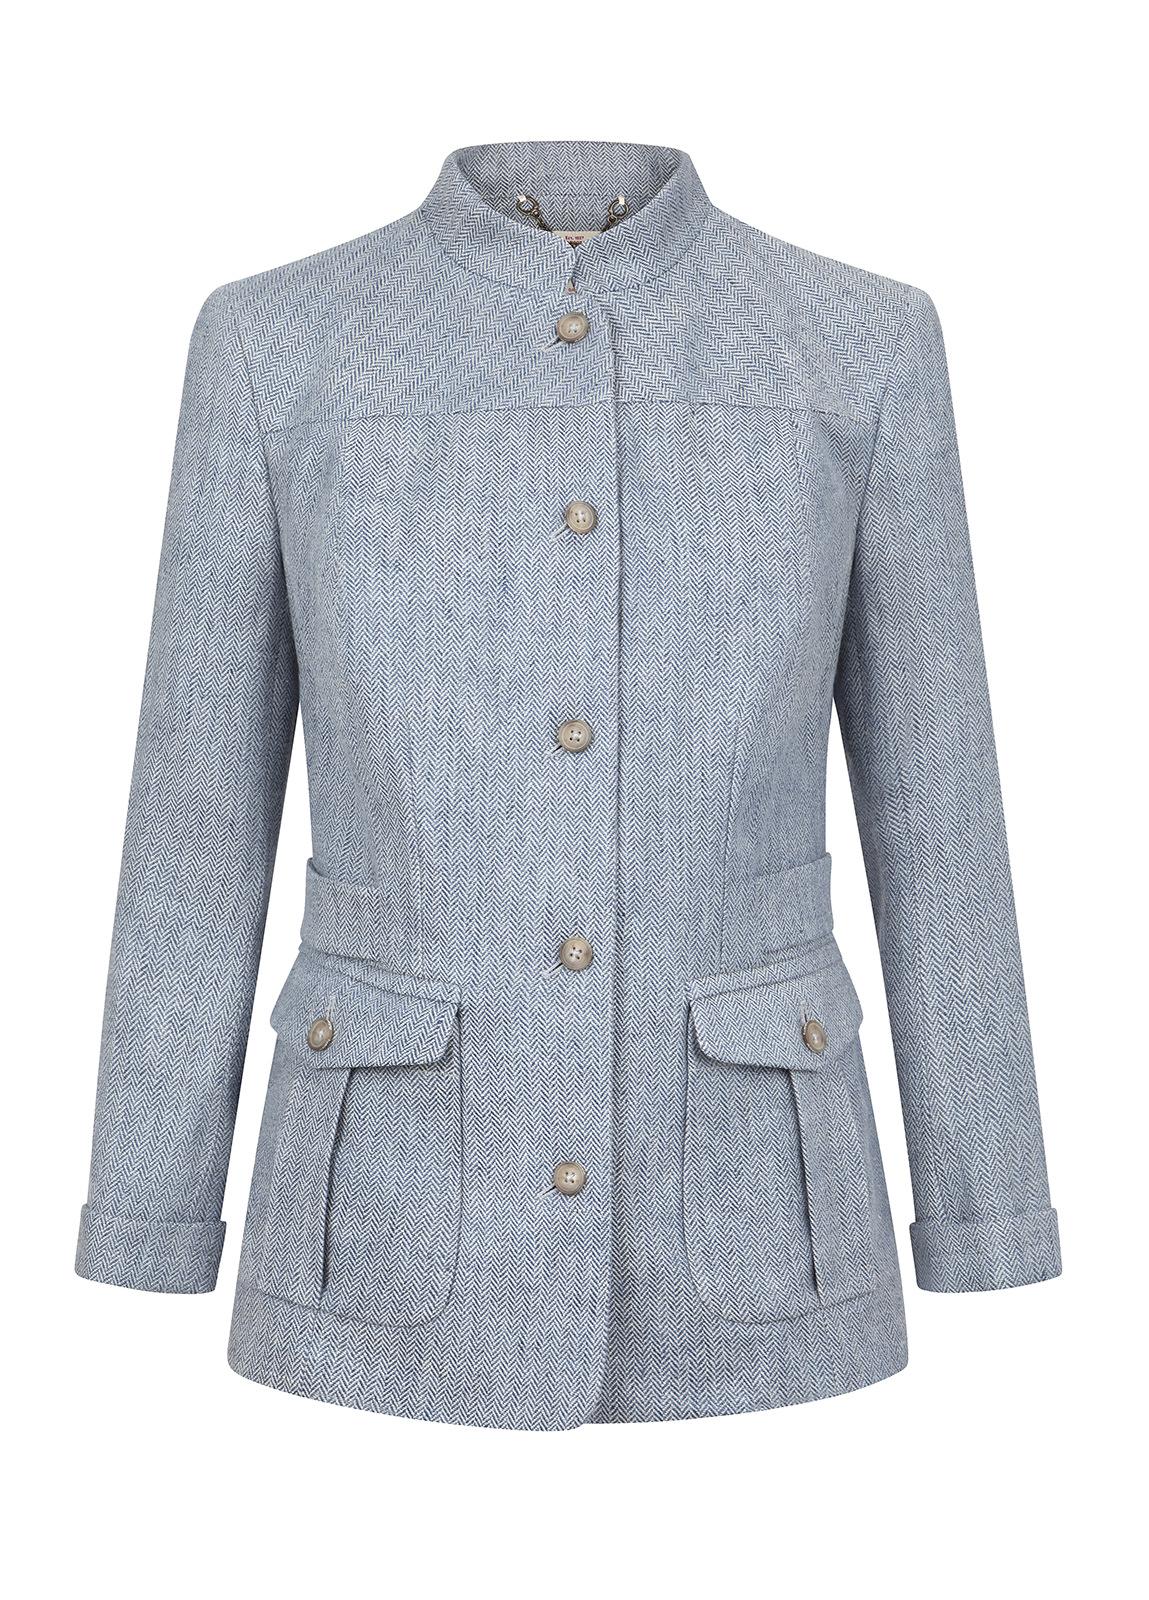 Dubarry_ Malahide Women's Linen Jacket - Blue_Image_2